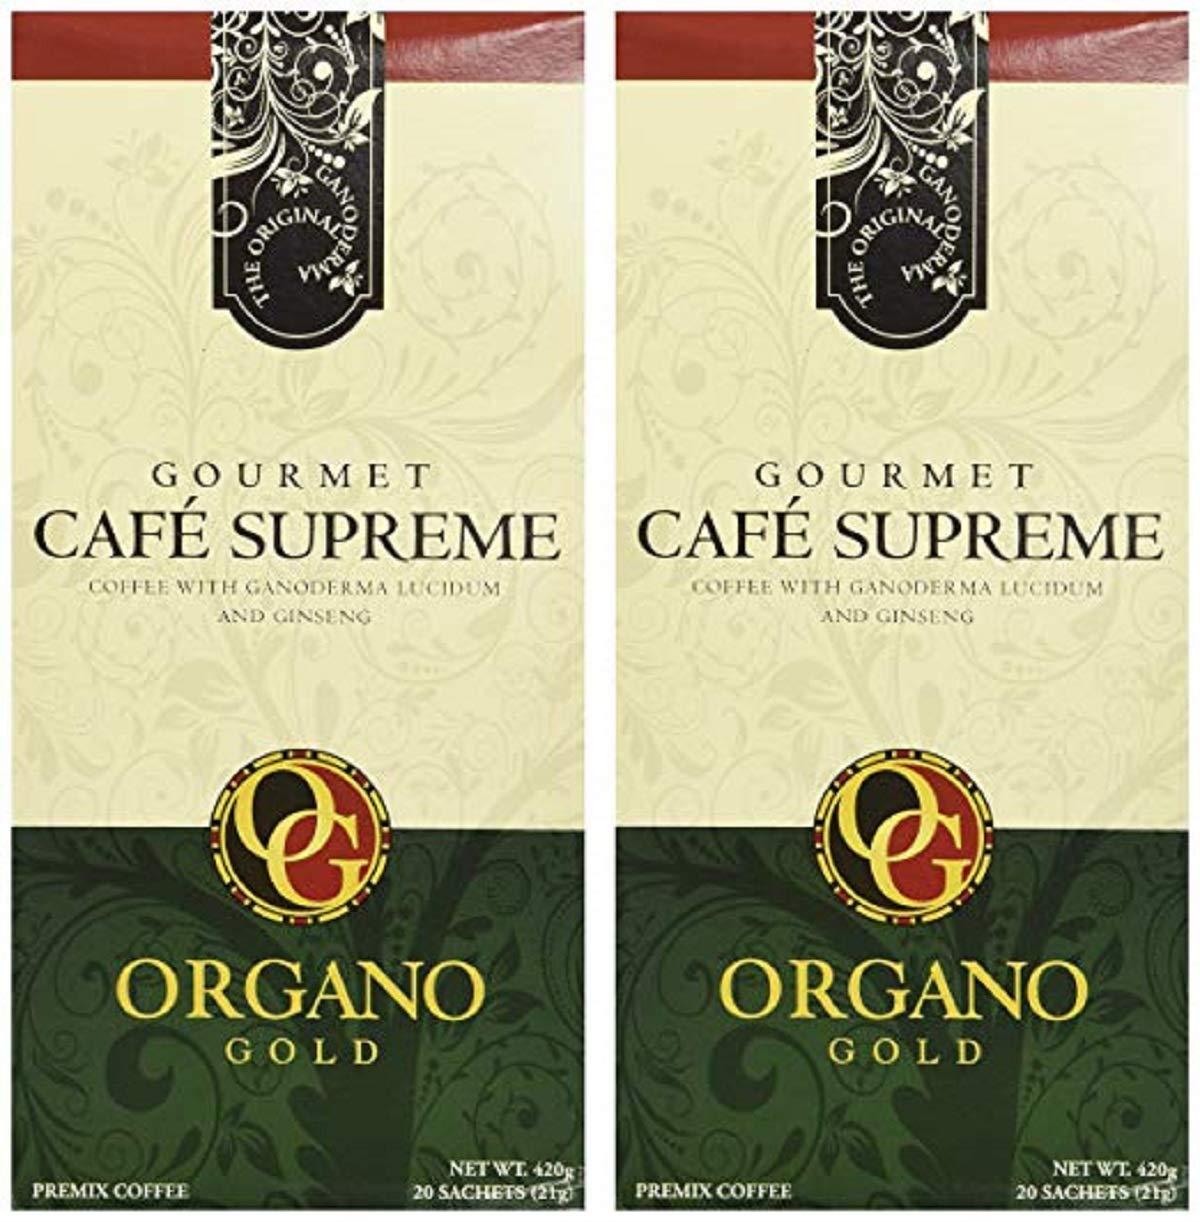 2 Boxes of Organo Gold Ganoderma Gourmet - Café Supreme(20 sachets)